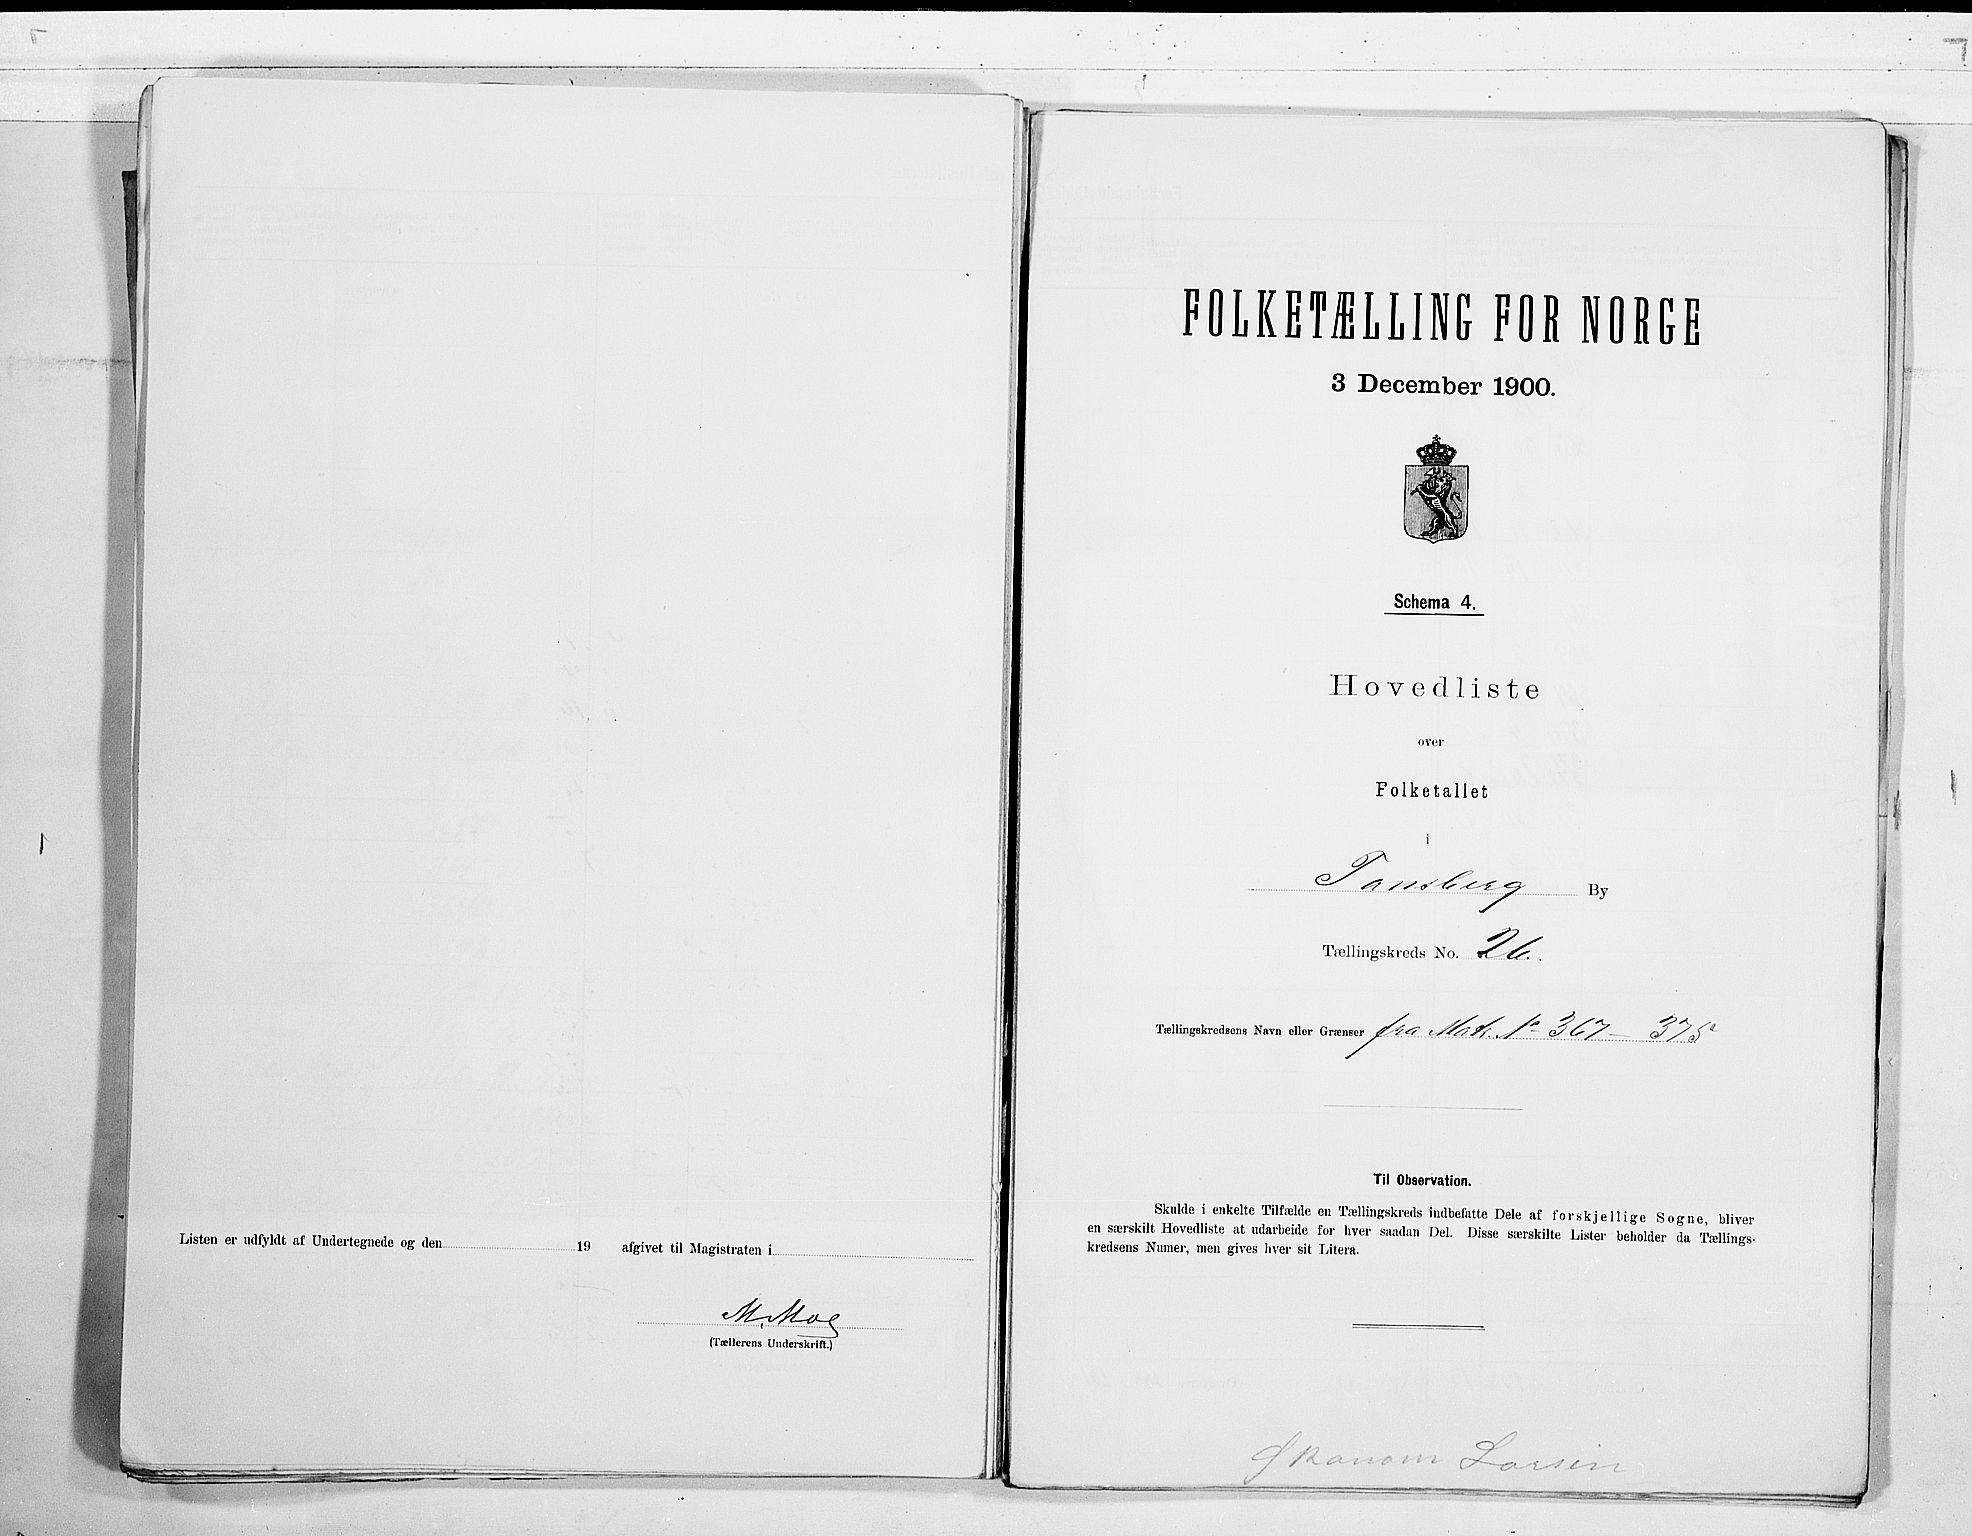 RA, Folketelling 1900 for 0705 Tønsberg kjøpstad, 1900, s. 54